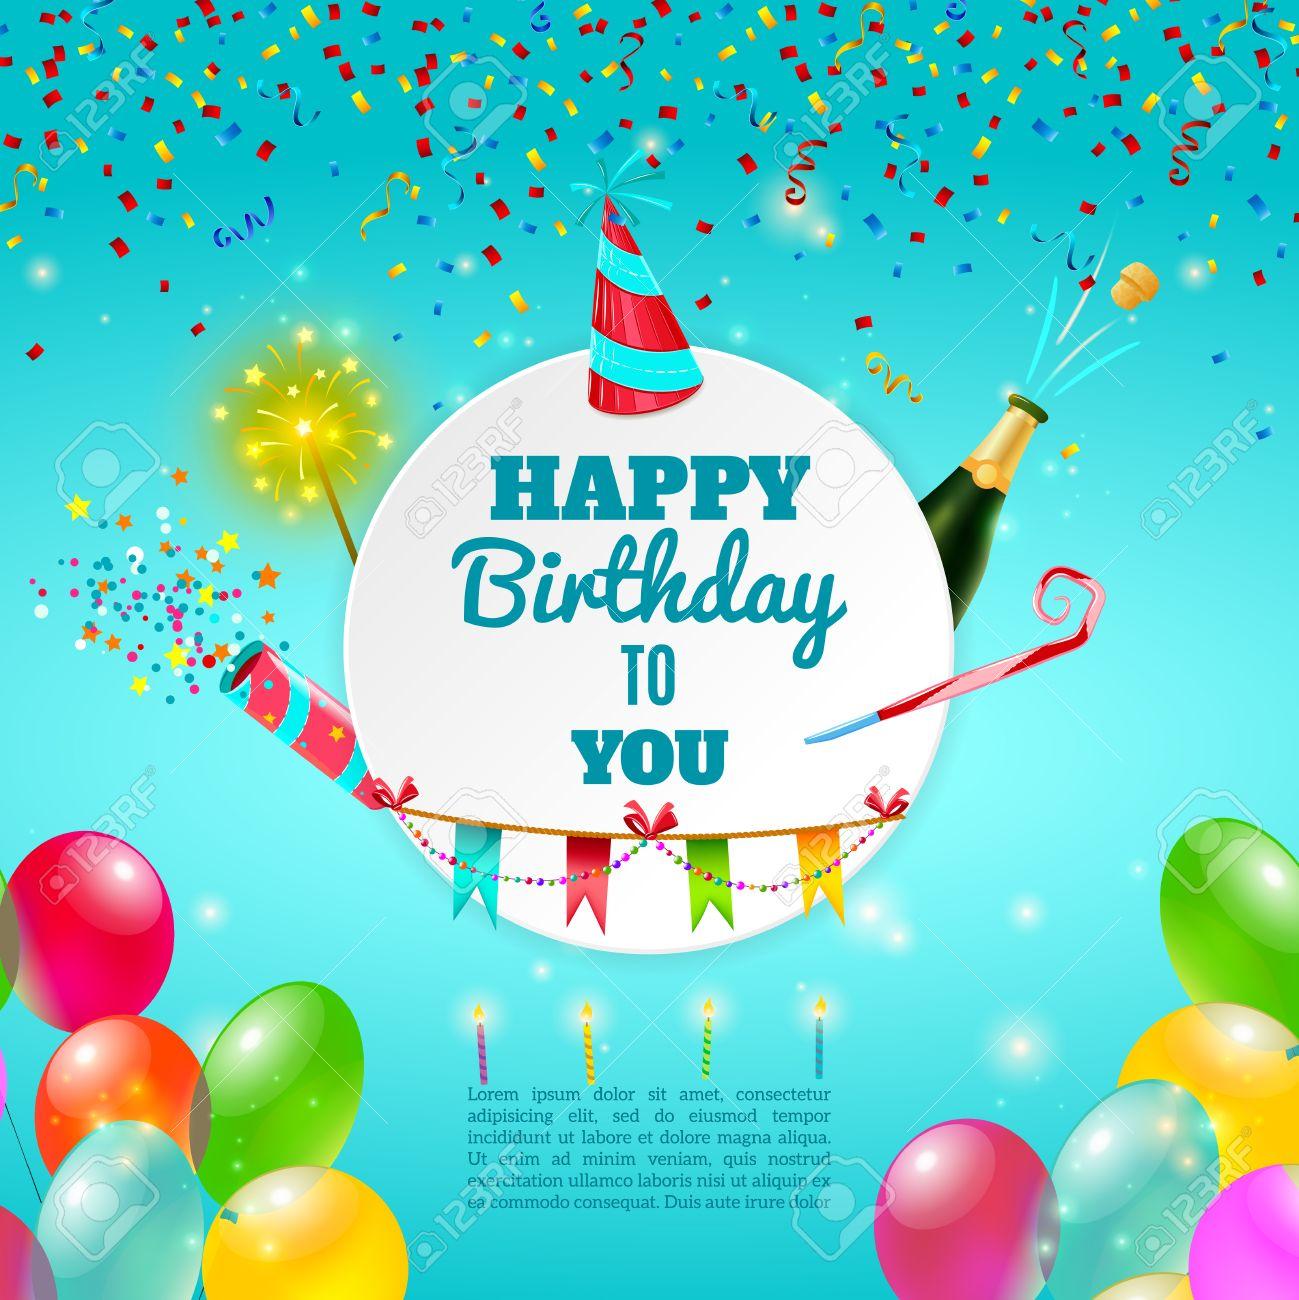 heureux anniversaire adulte modele celebration de fete de fond ou de la carte d invitation avec du champagne et des decorations abstraites